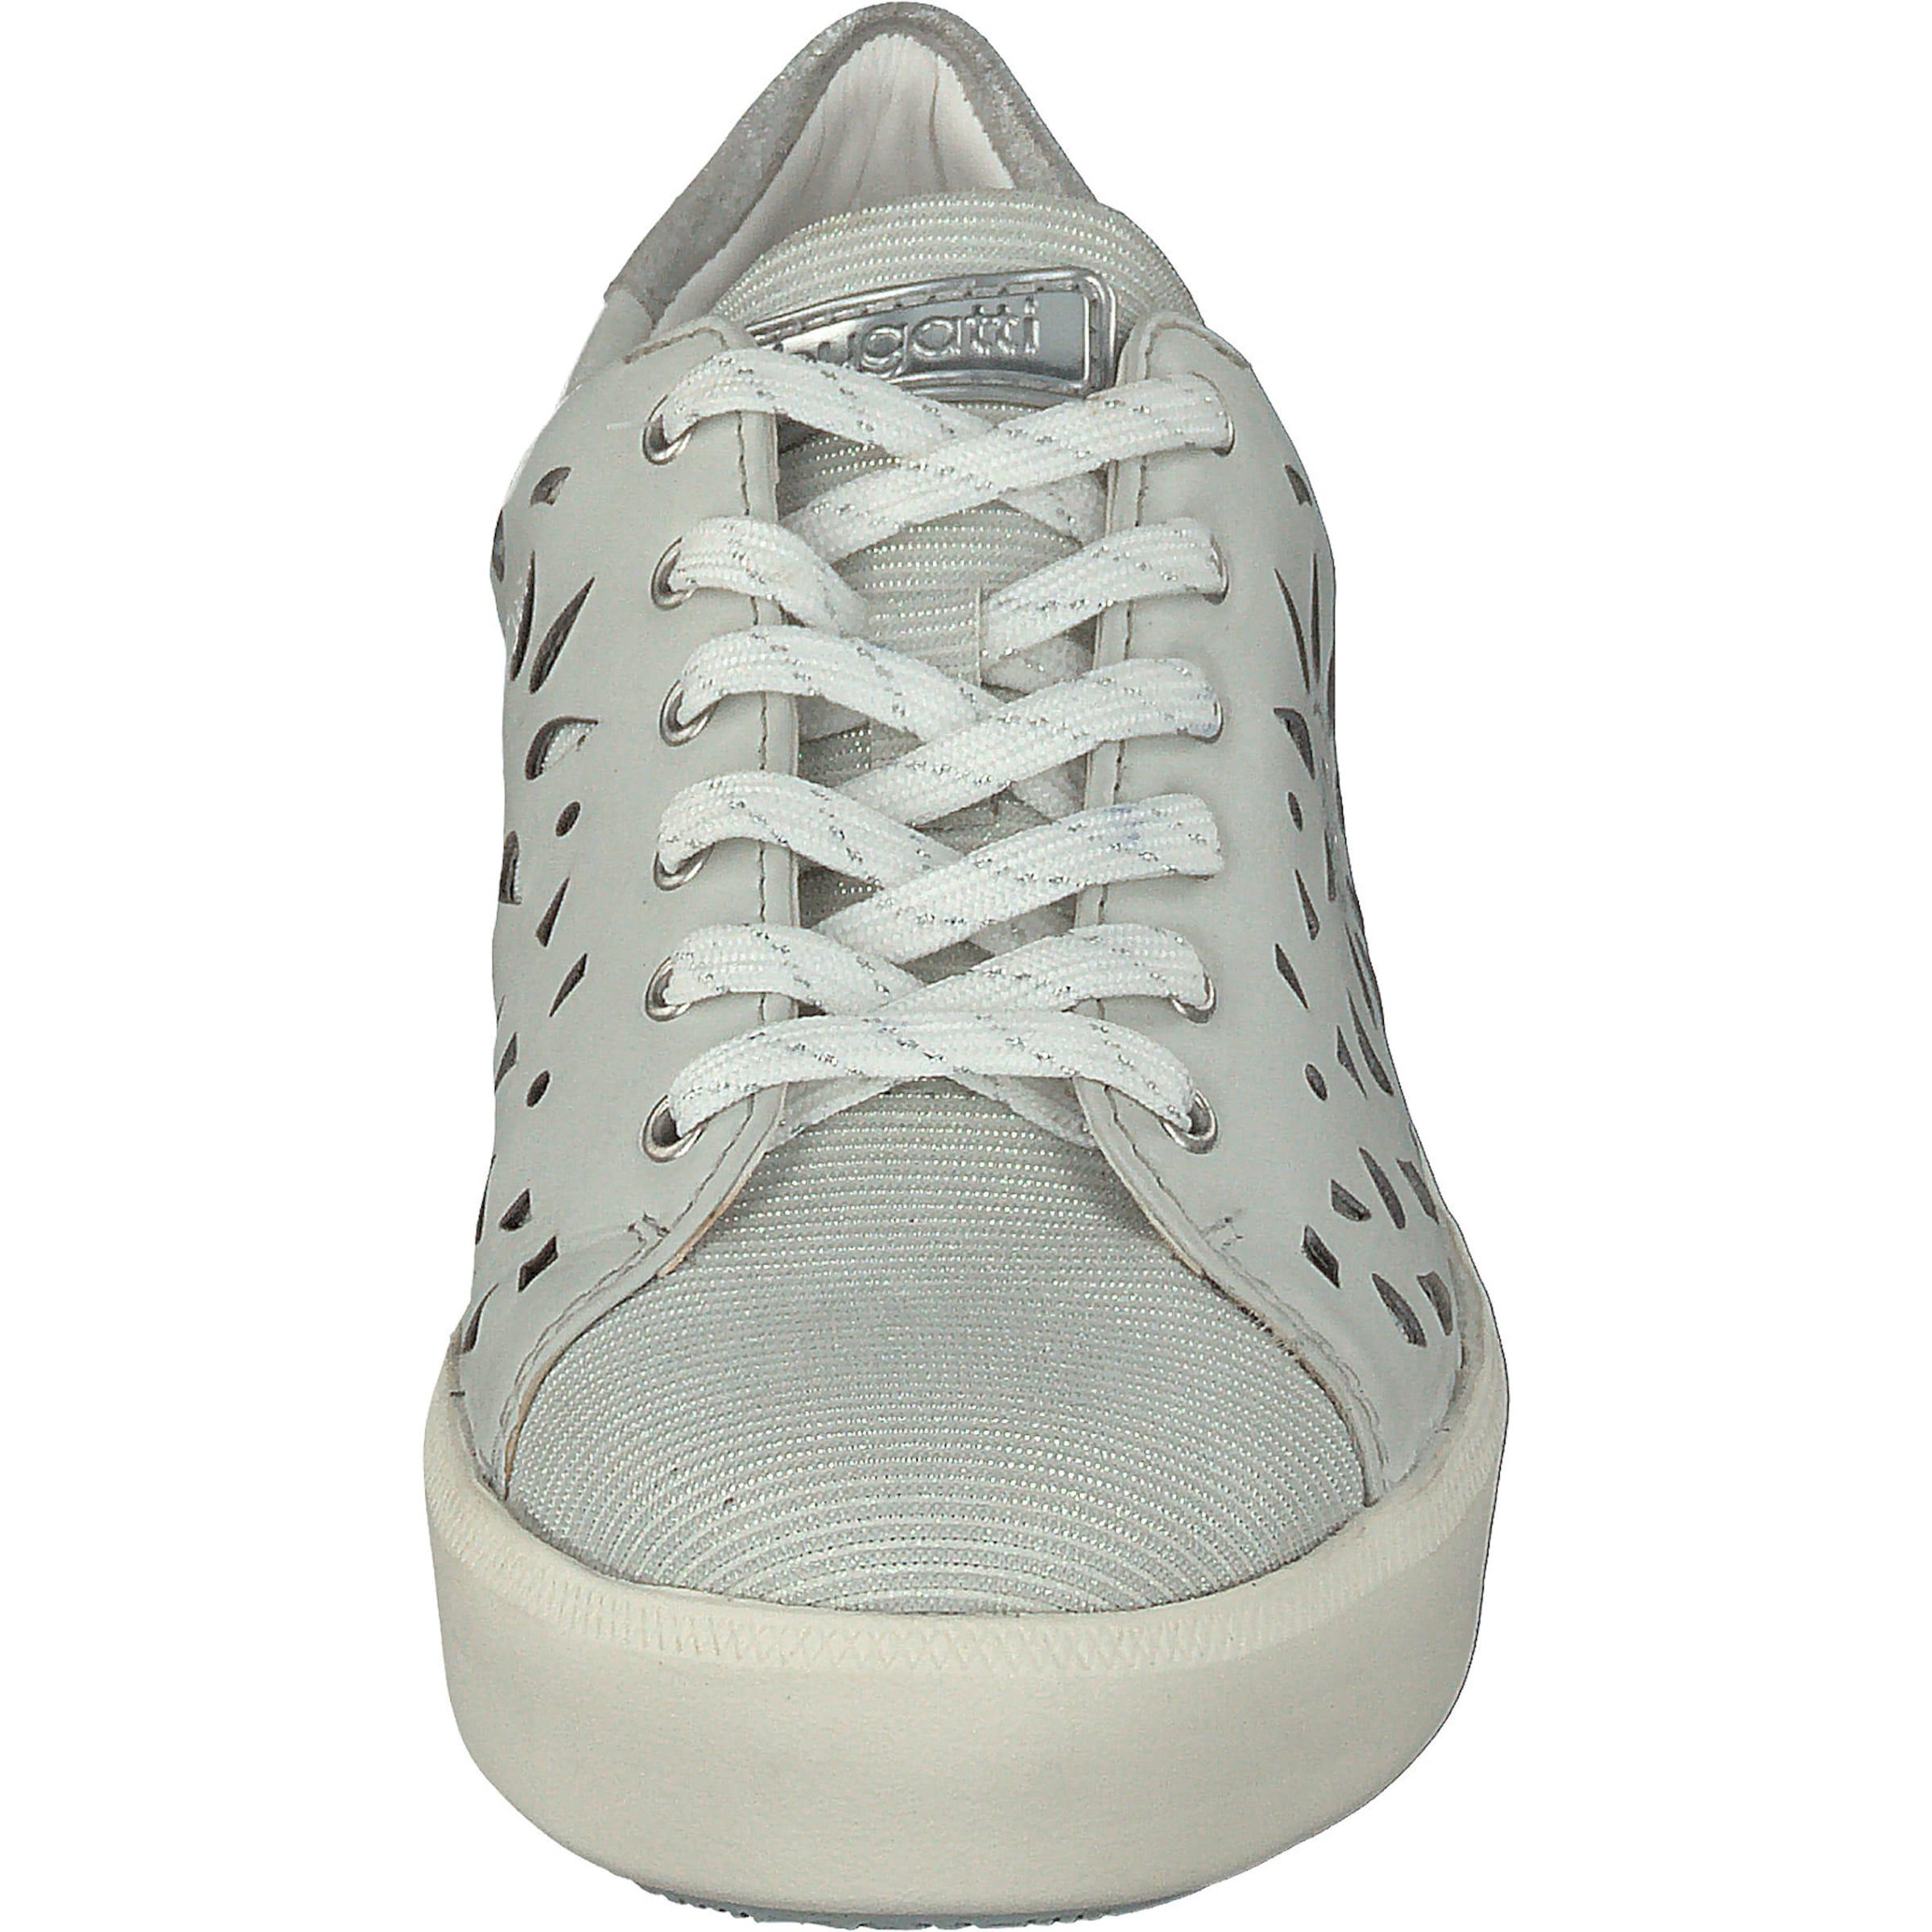 bugatti Sneakers Low Auslass Größte Lieferant Marktfähig Günstiger Preis Visa-Zahlung Günstiger Preis OoG41s4